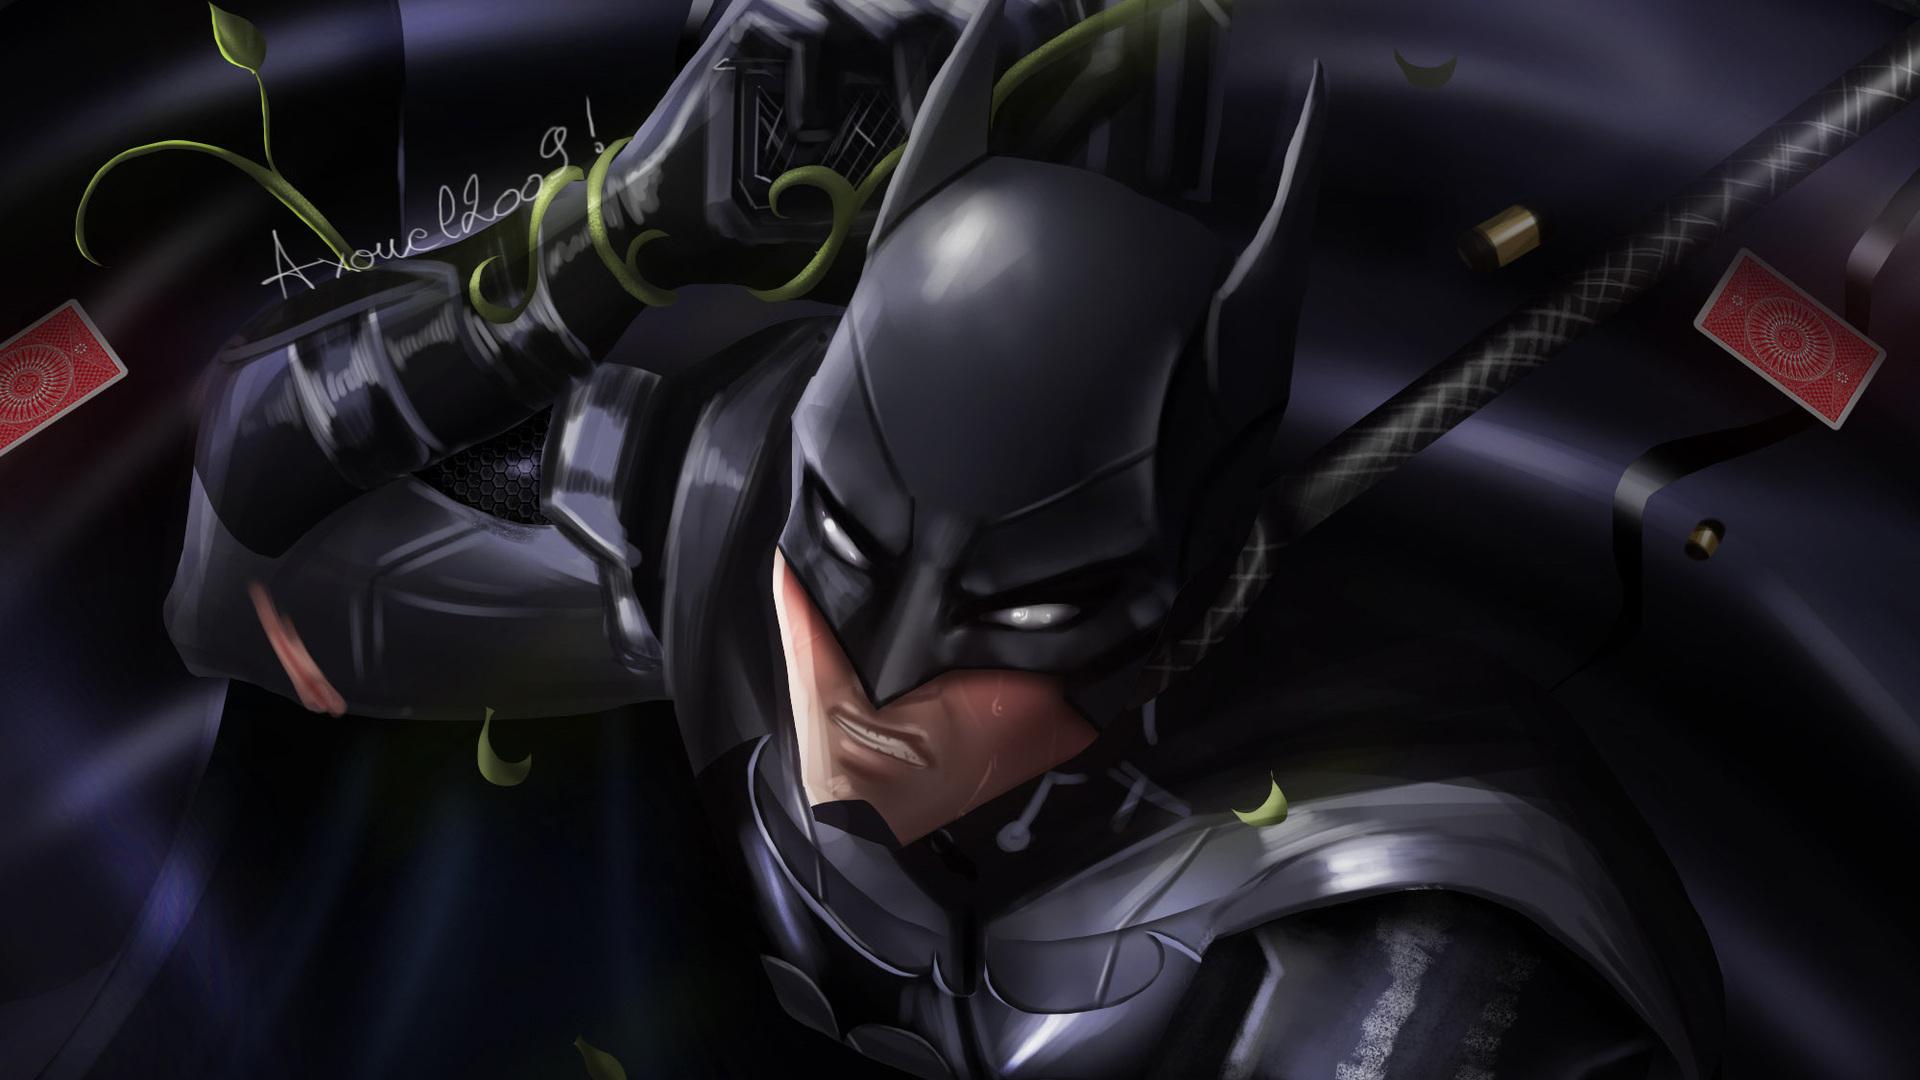 batman-2018-art-ge.jpg